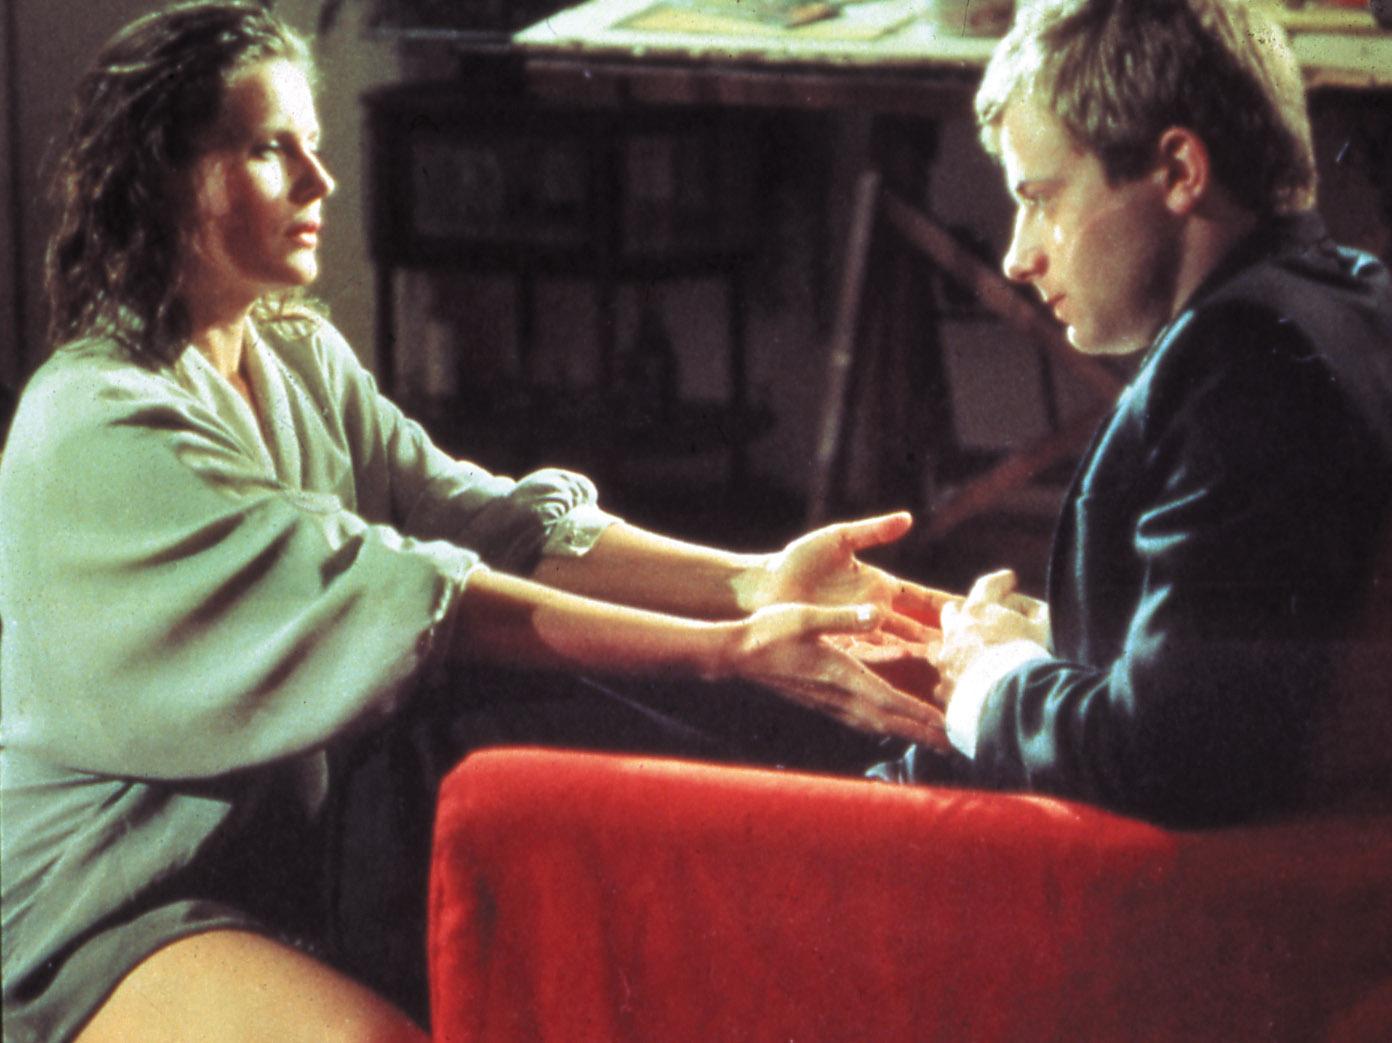 Polonya filmleri Aşk Üzerine Kısa Bir Film (1988)